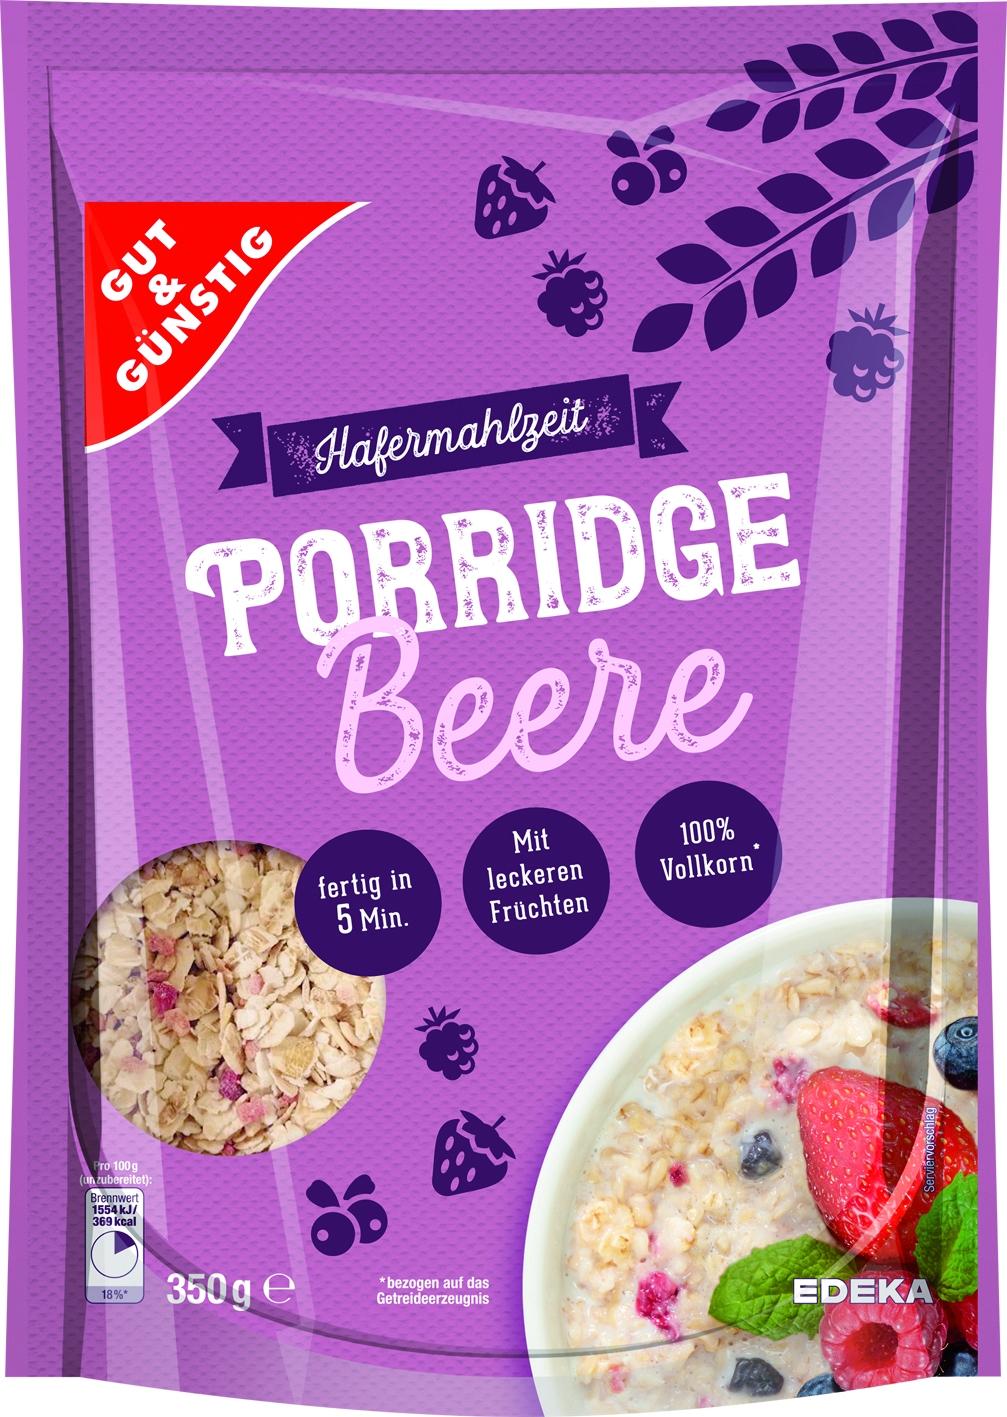 Porrdige Beere